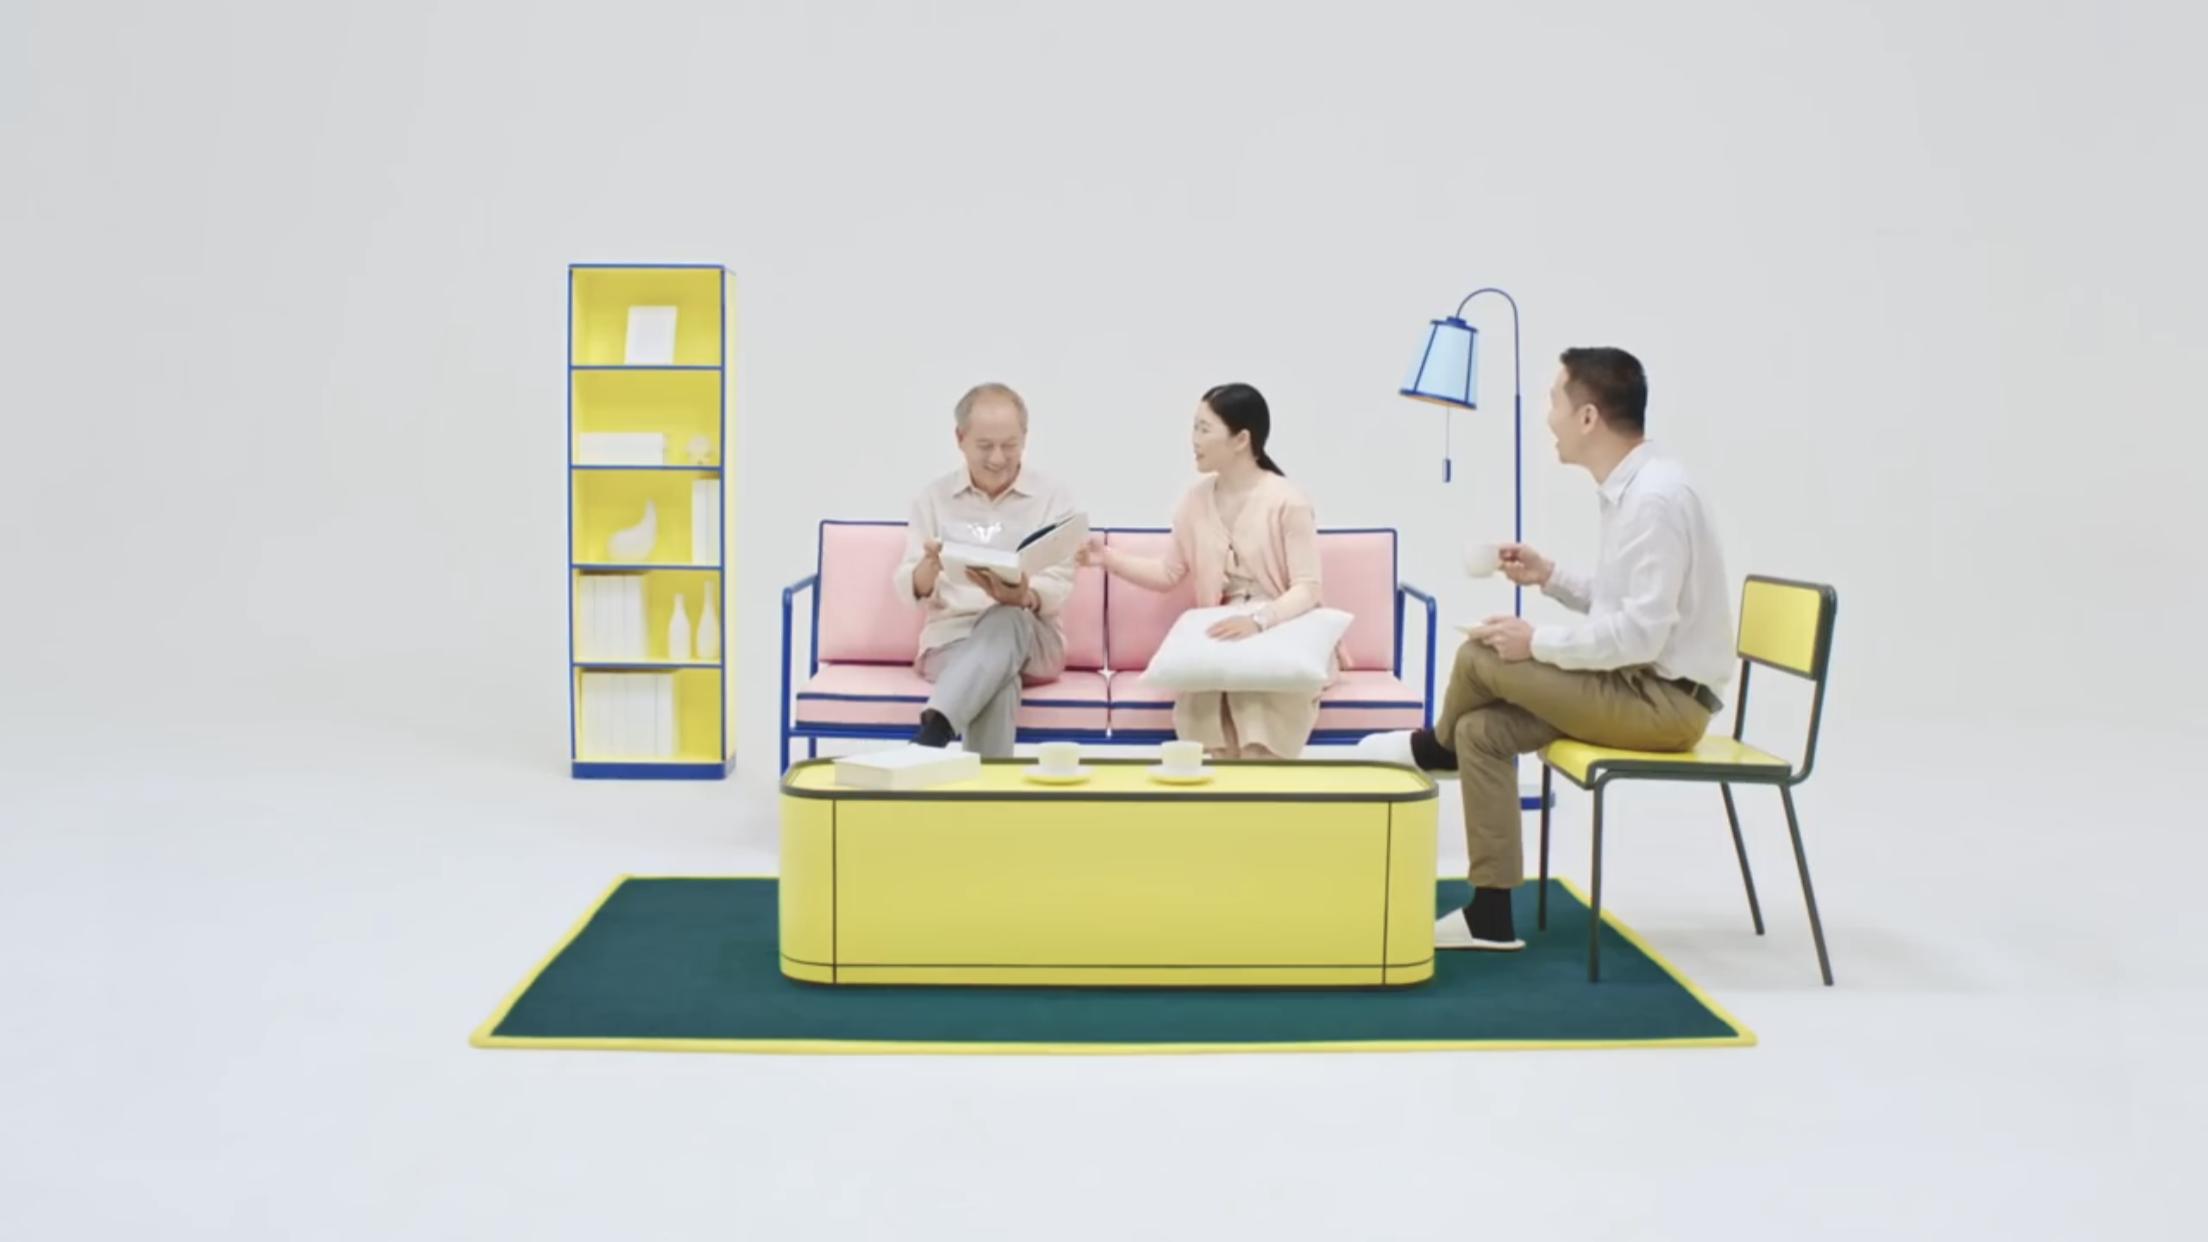 7:1 Furniture เฟอร์นิเจอร์คอลเล็กชั่นแรกจากโฮมโปร เพื่อผู้มีความผิดปกติทางสายตา